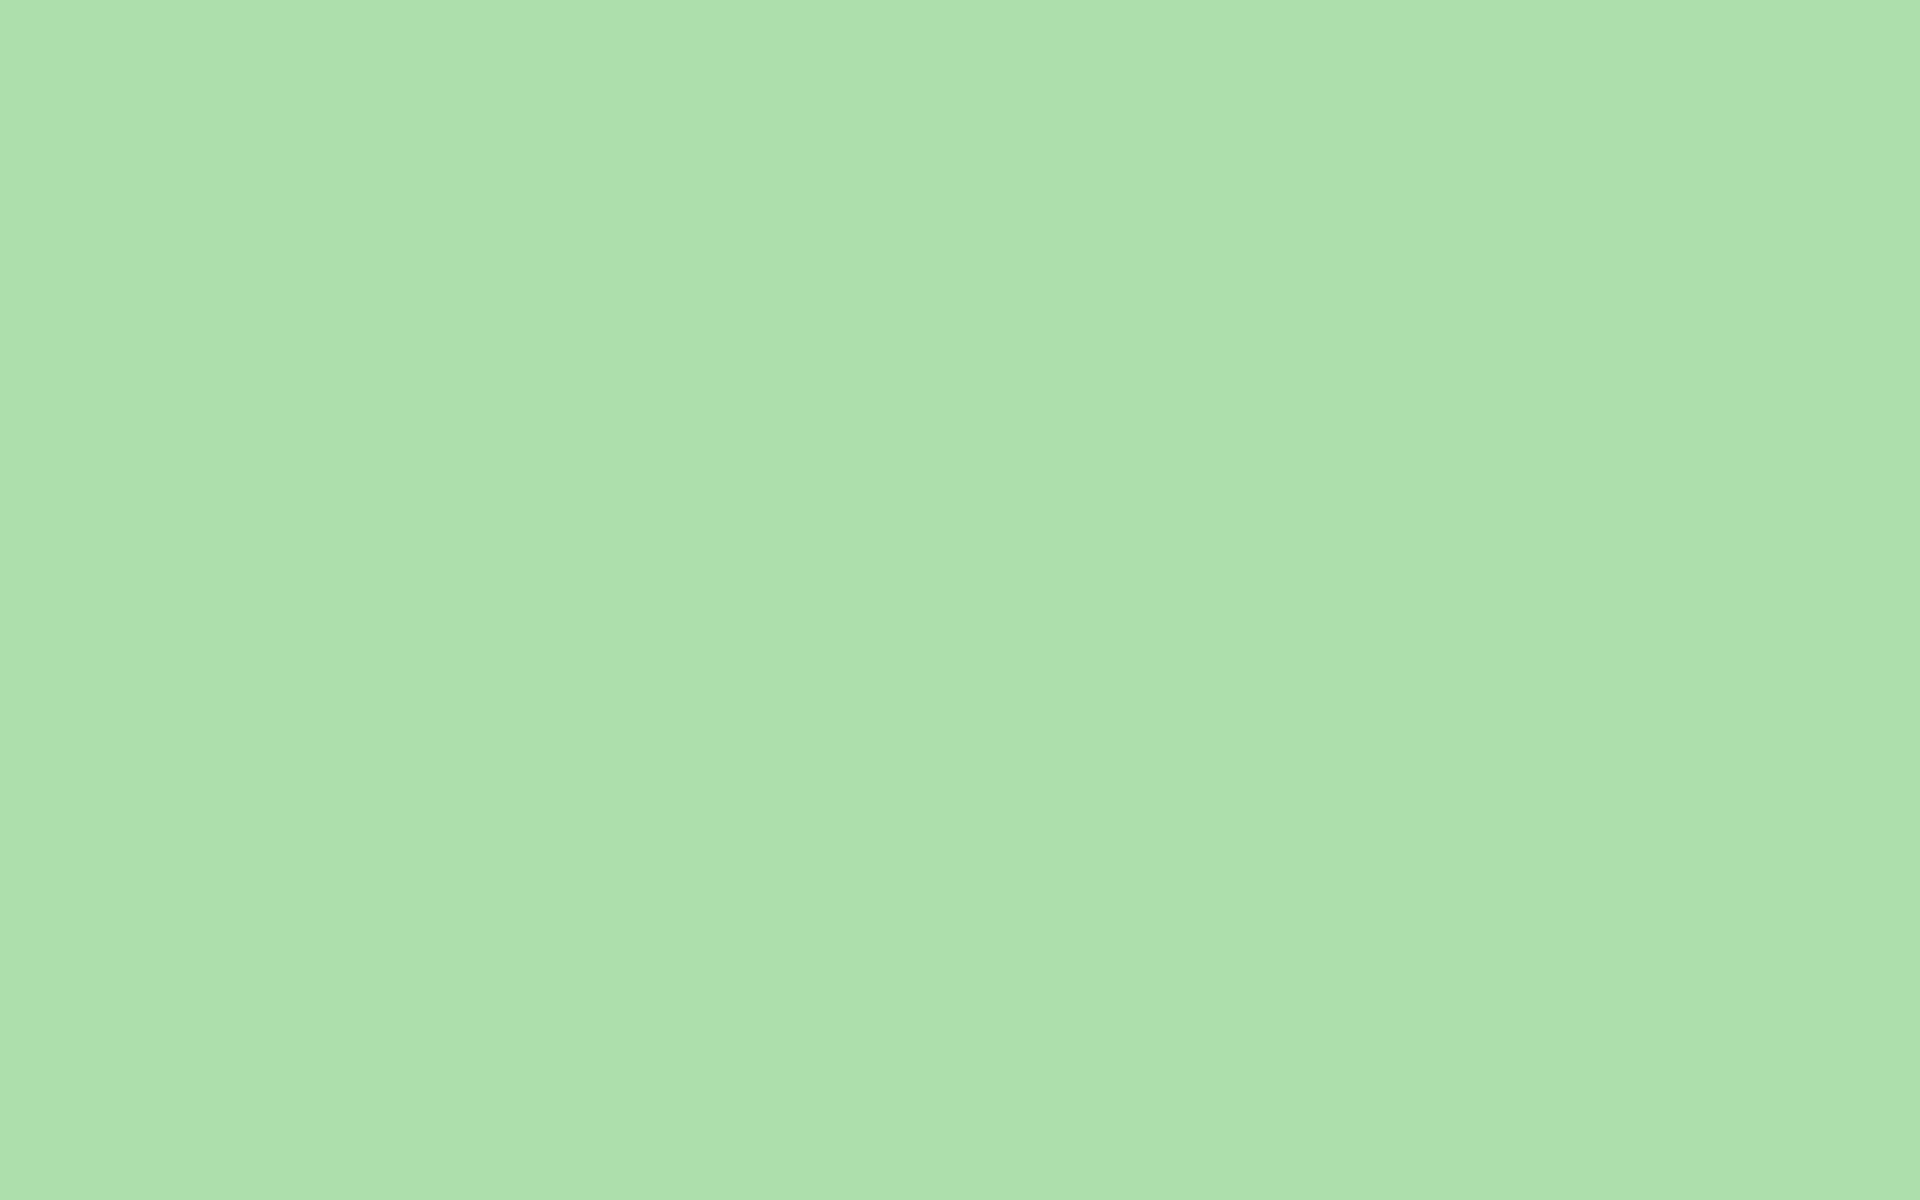 19 may solid light green wallpaper 3